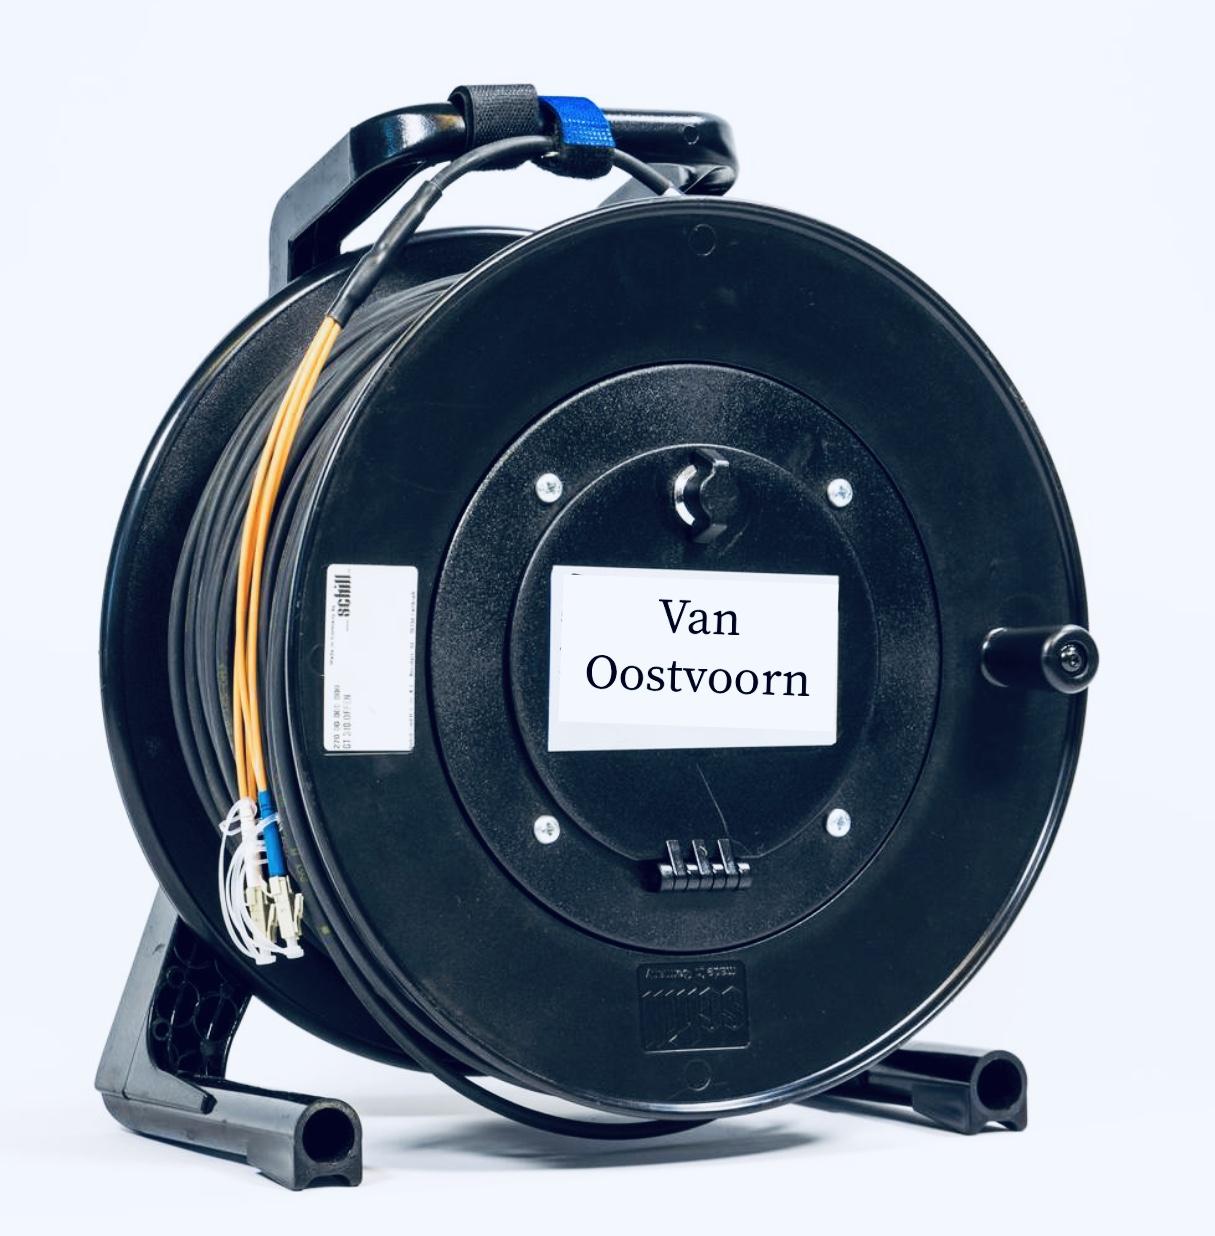 Glasvezel OCC Broadcast . Breakout  Fiber Multimode kabel . Connectoren  2 LC - 2 LC  op Schill Haspel